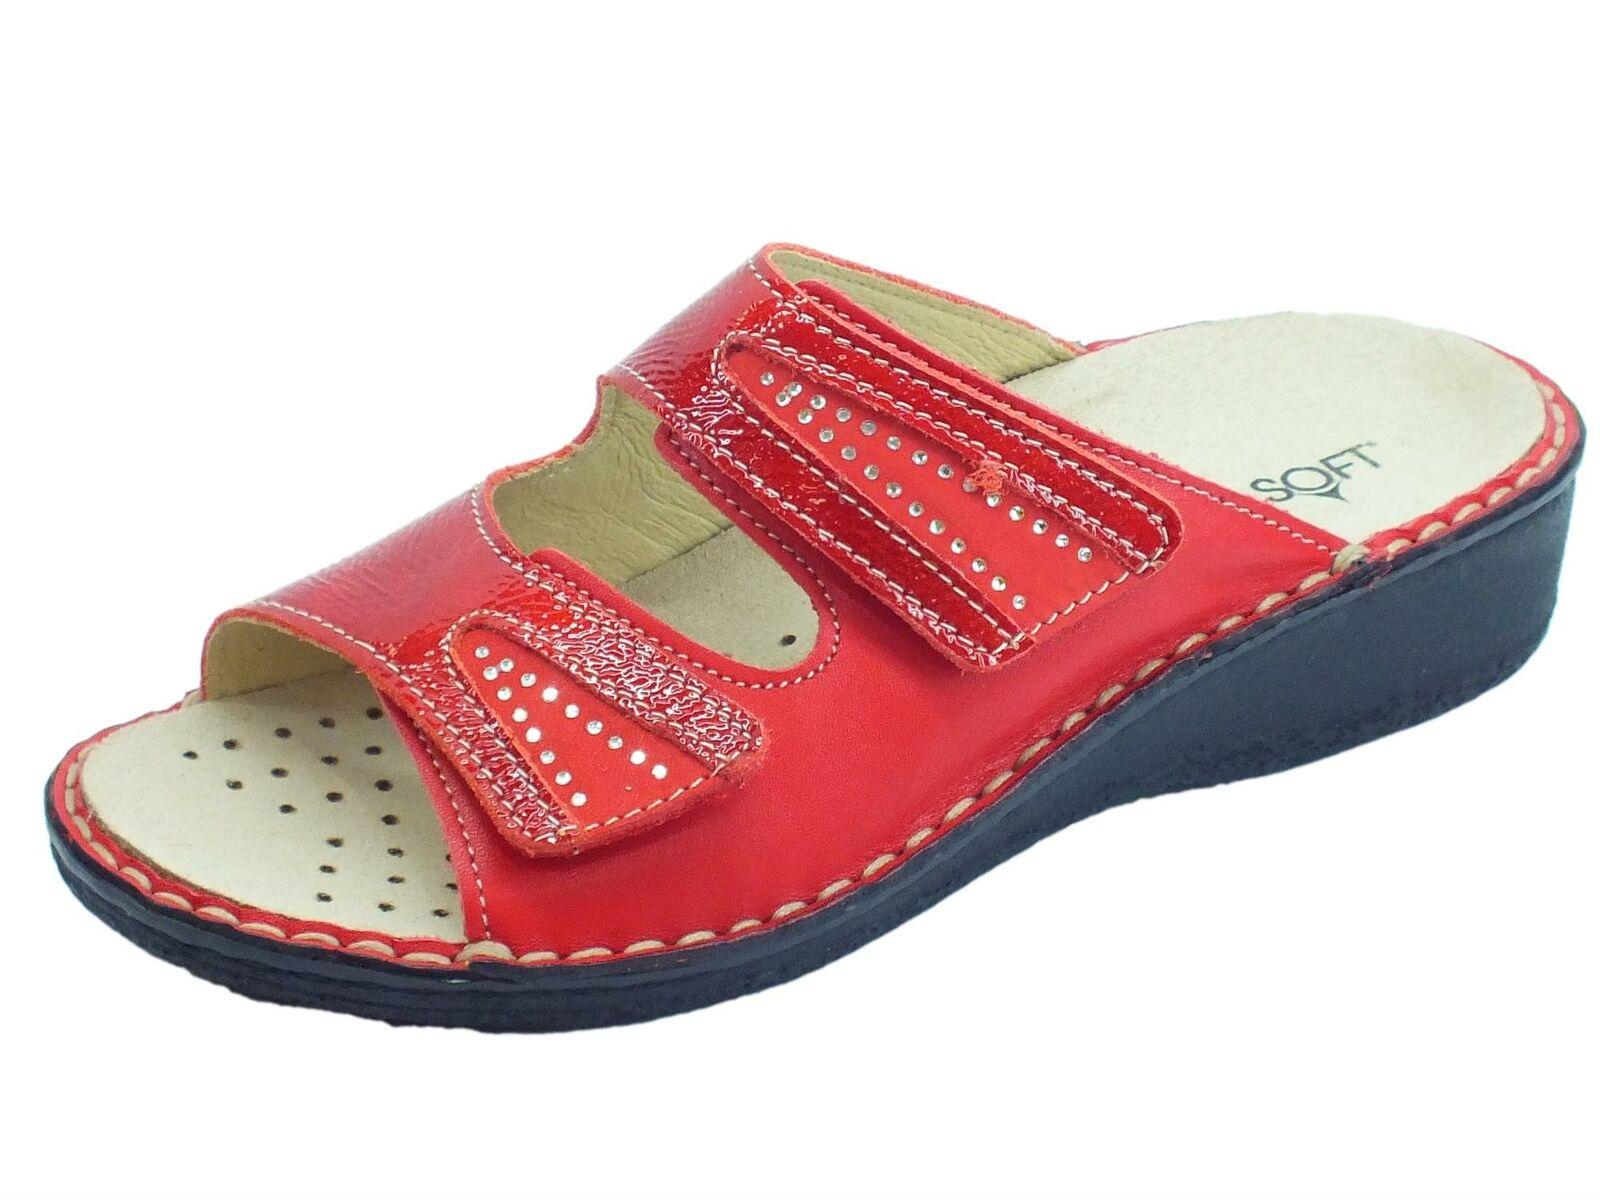 Sandali linea comoda Cinzia Soft pelle rojo con doppio stretch sottopiede pelle